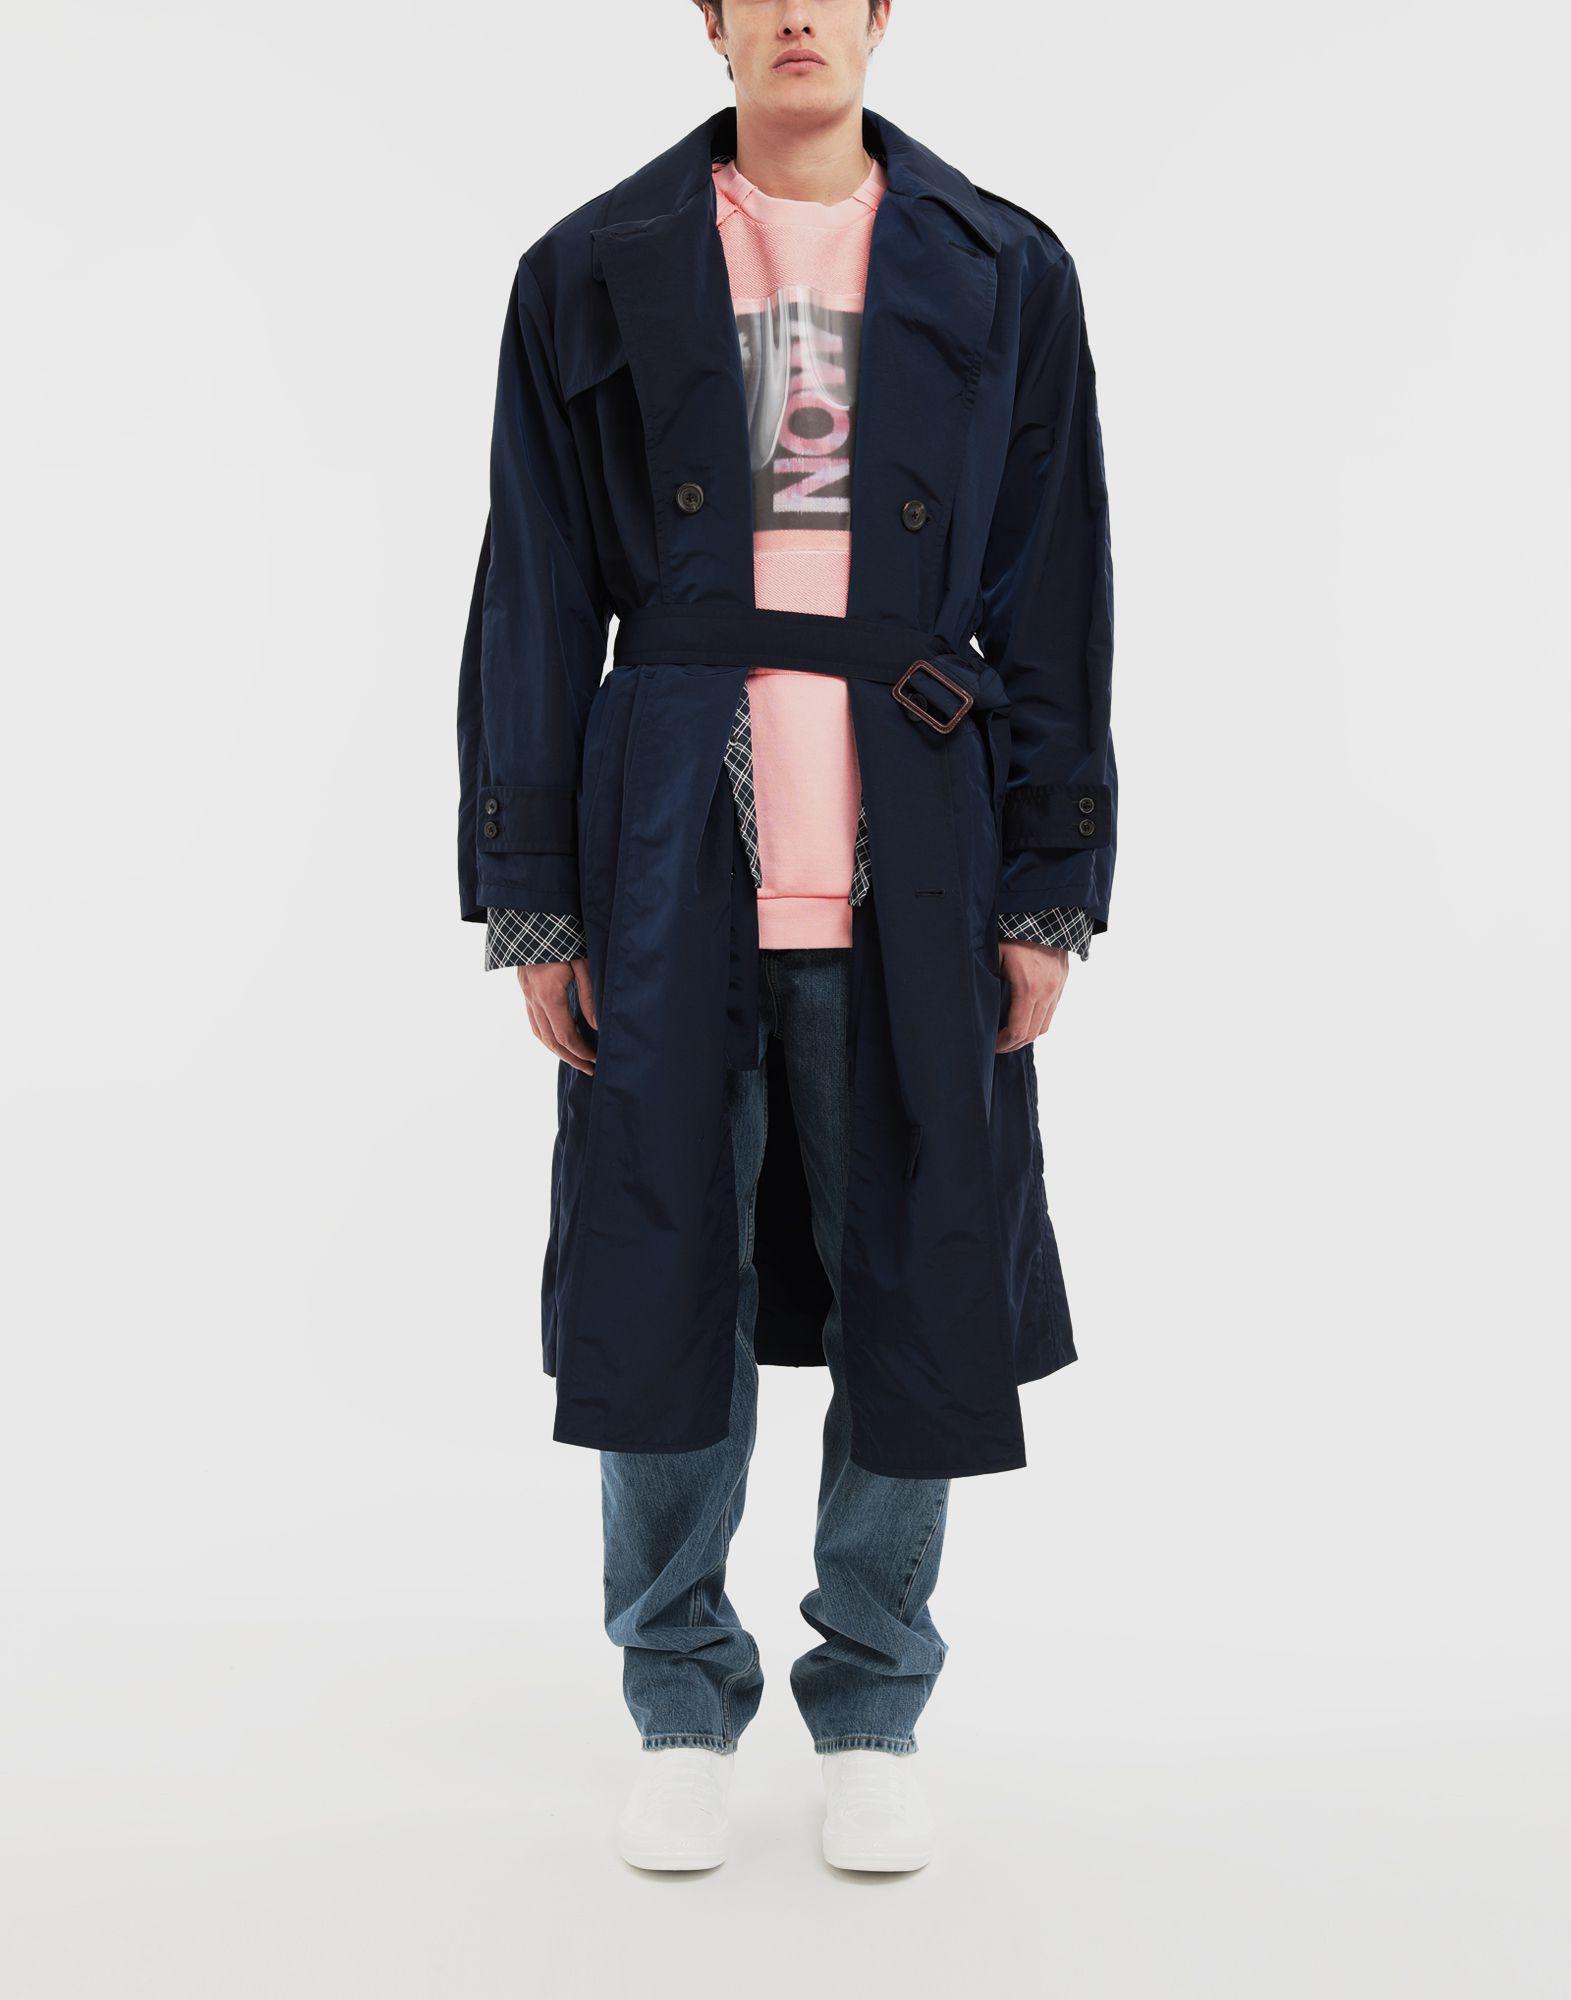 MAISON MARGIELA Manteau à chemise intégrée en nylon tonique Pardessus Homme d